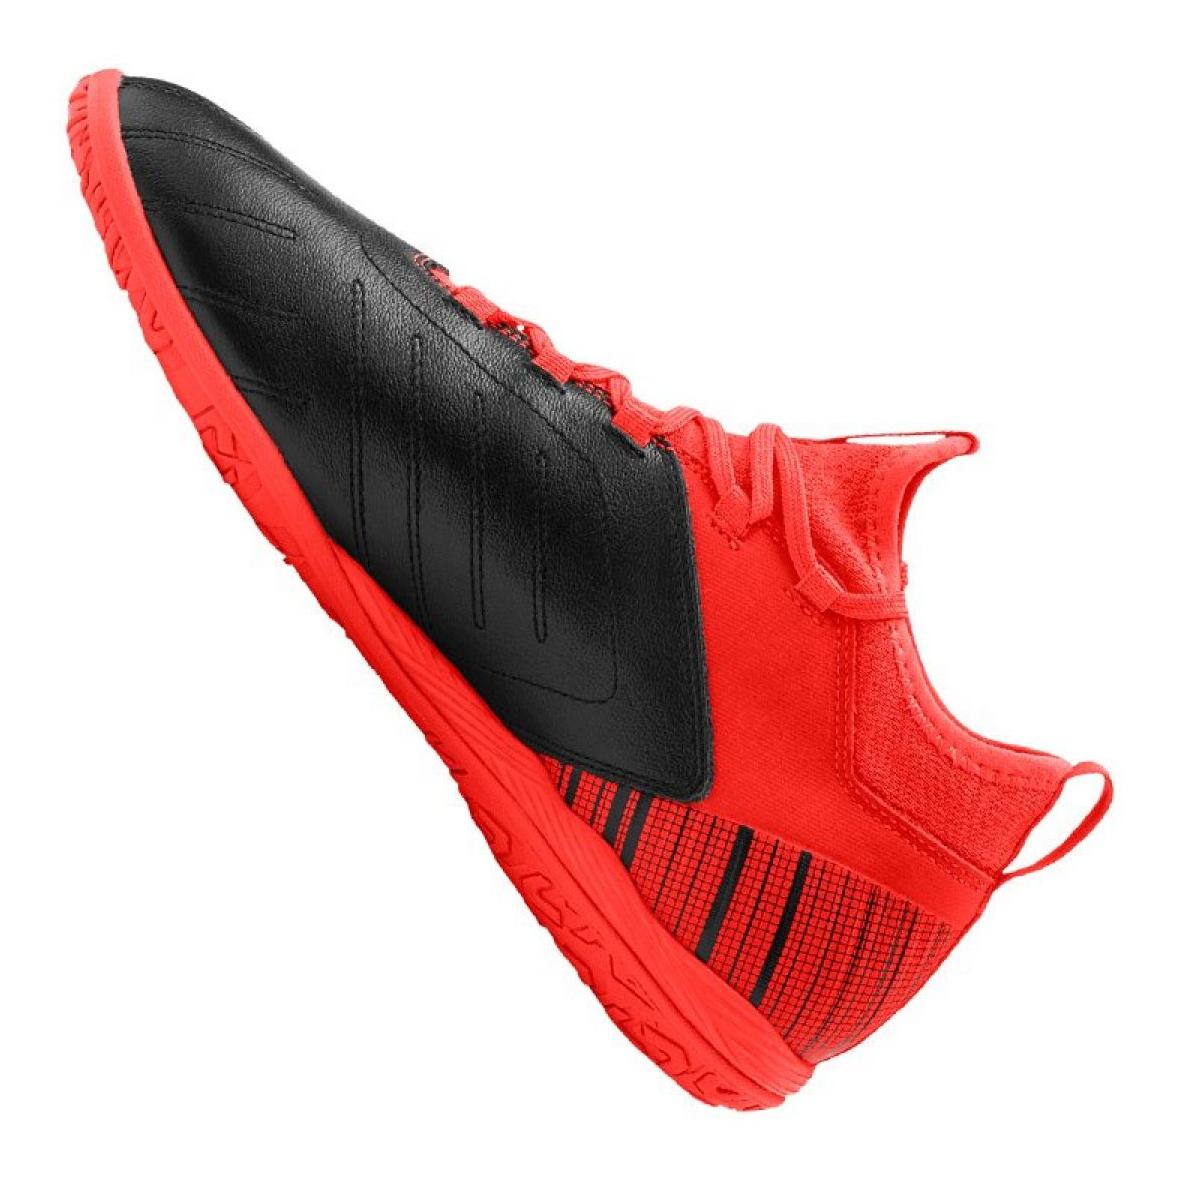 Buty halowe Puma One 5.3 It M 105649 01 czarny, czerwony czerwone